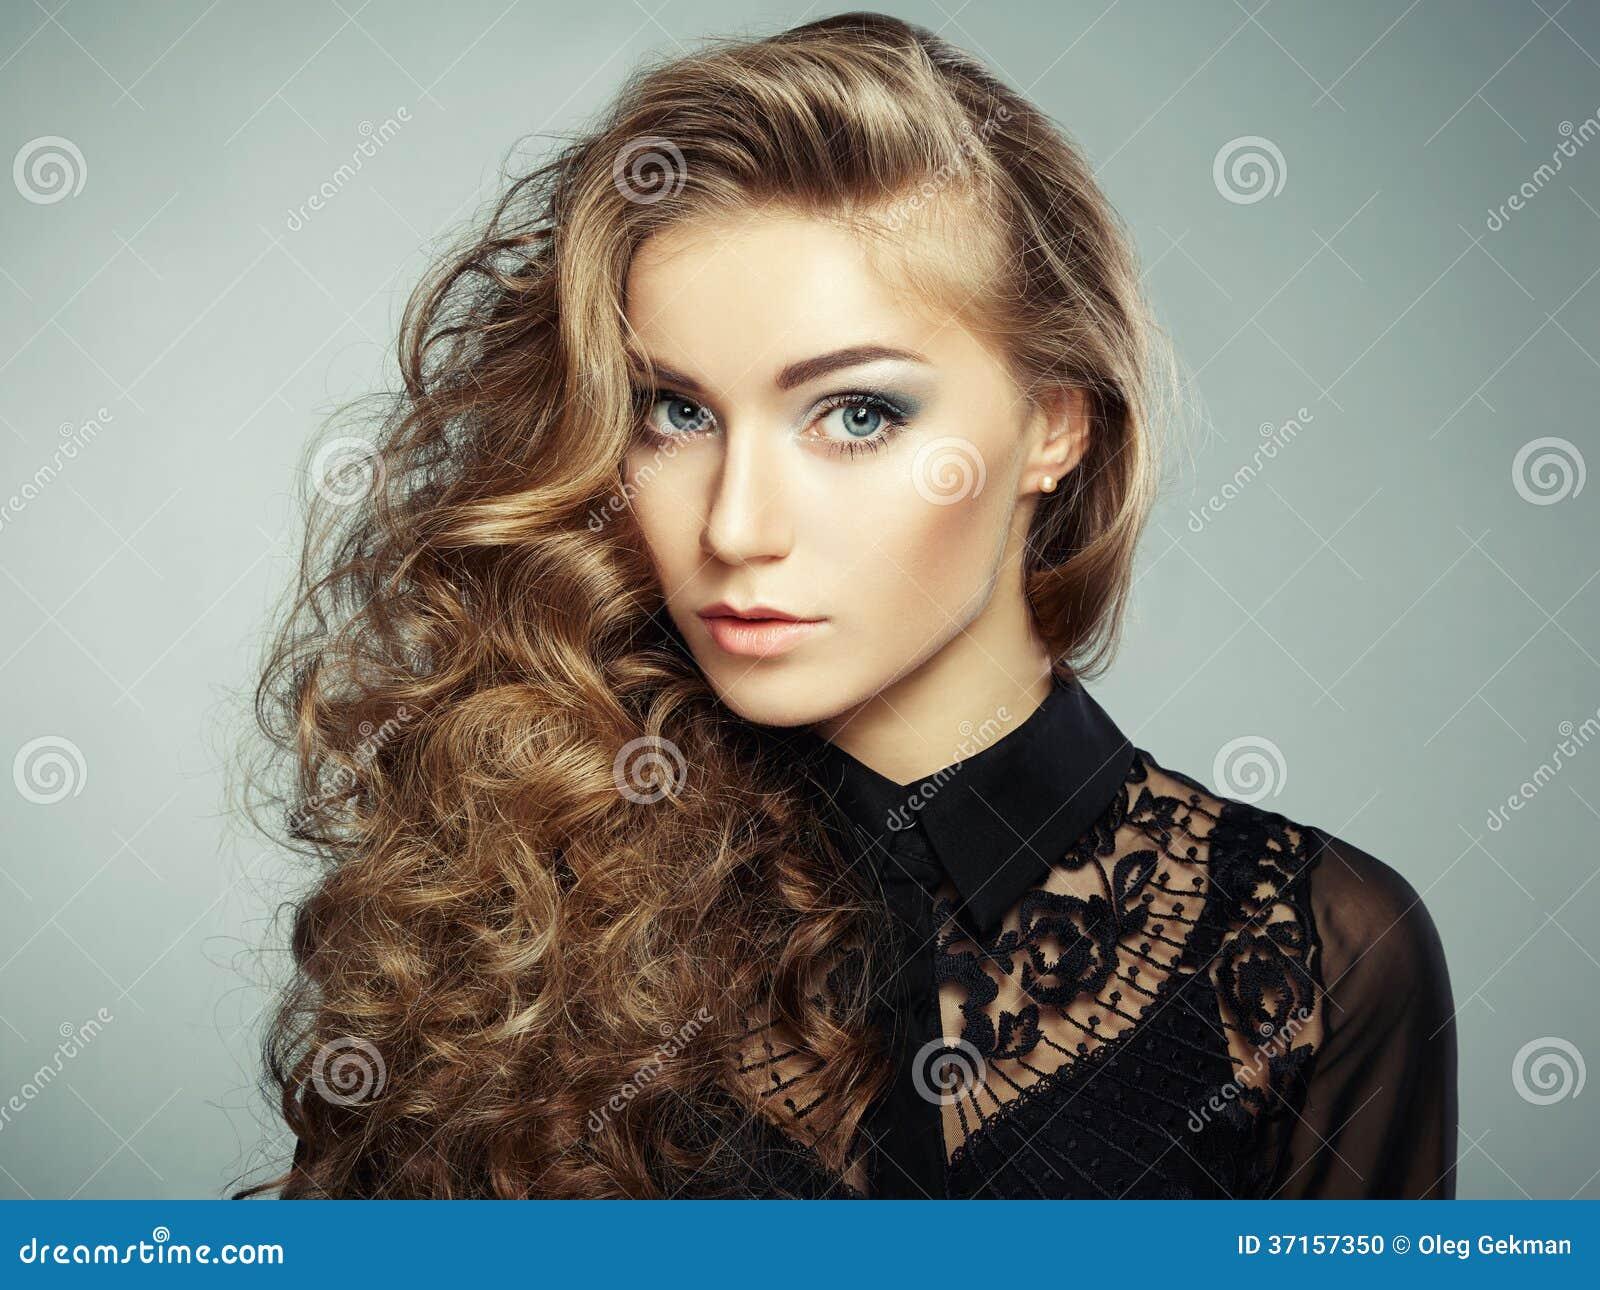 Πορτρέτο του όμορφου νέου ξανθού κοριτσιού στο μαύρο φόρεμα. Μόδα